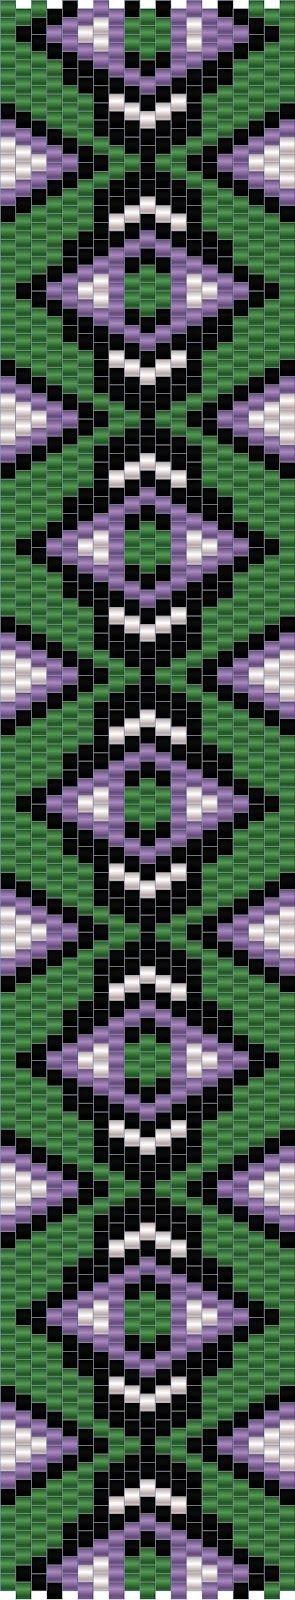 10 схем мозаичных браслетов / 10 free peyote patterns | - Схемы для бисероплетения / Free bead patterns -